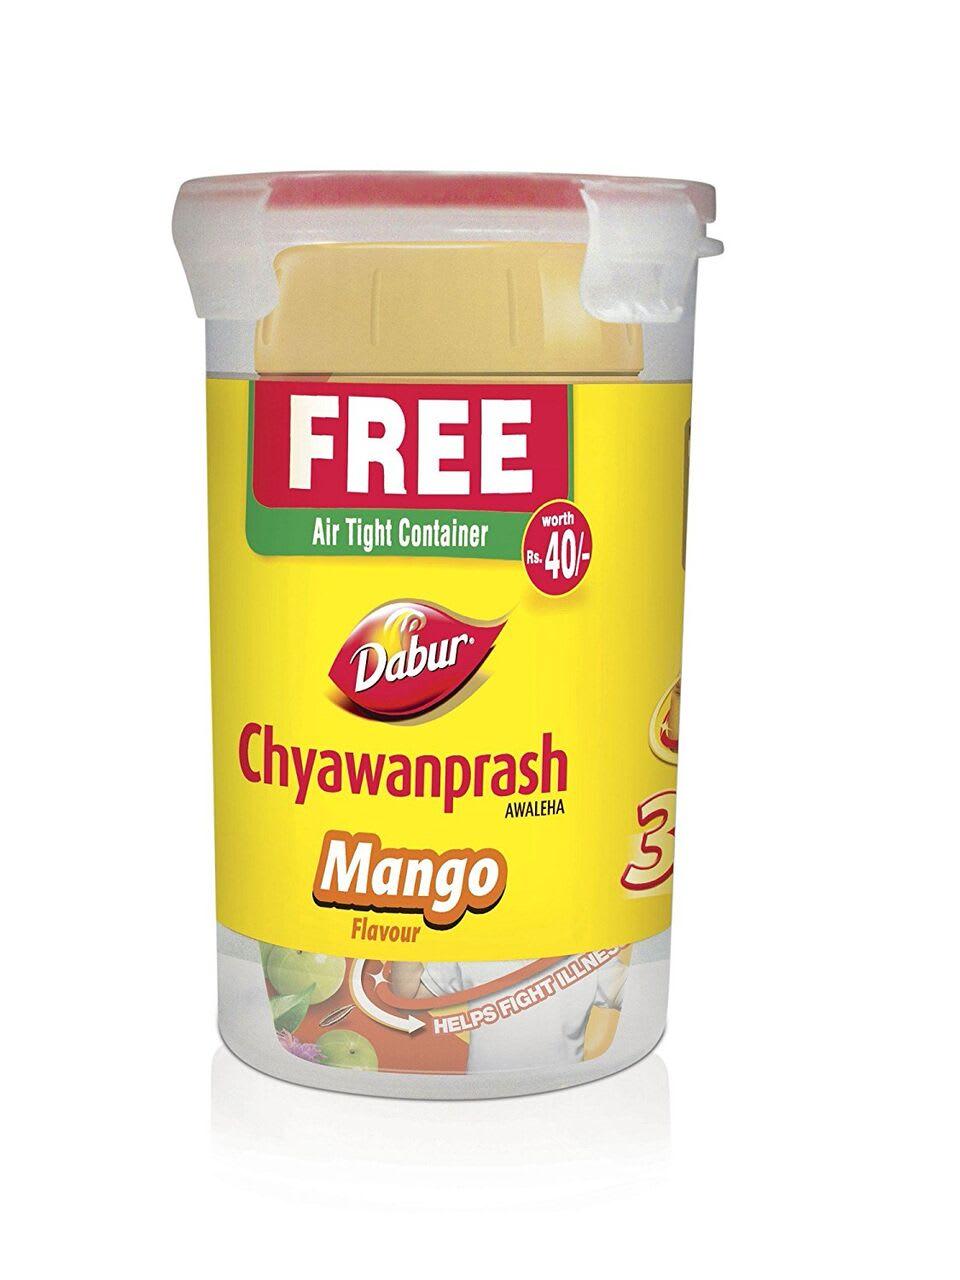 Dabur Chyawanprash Mango